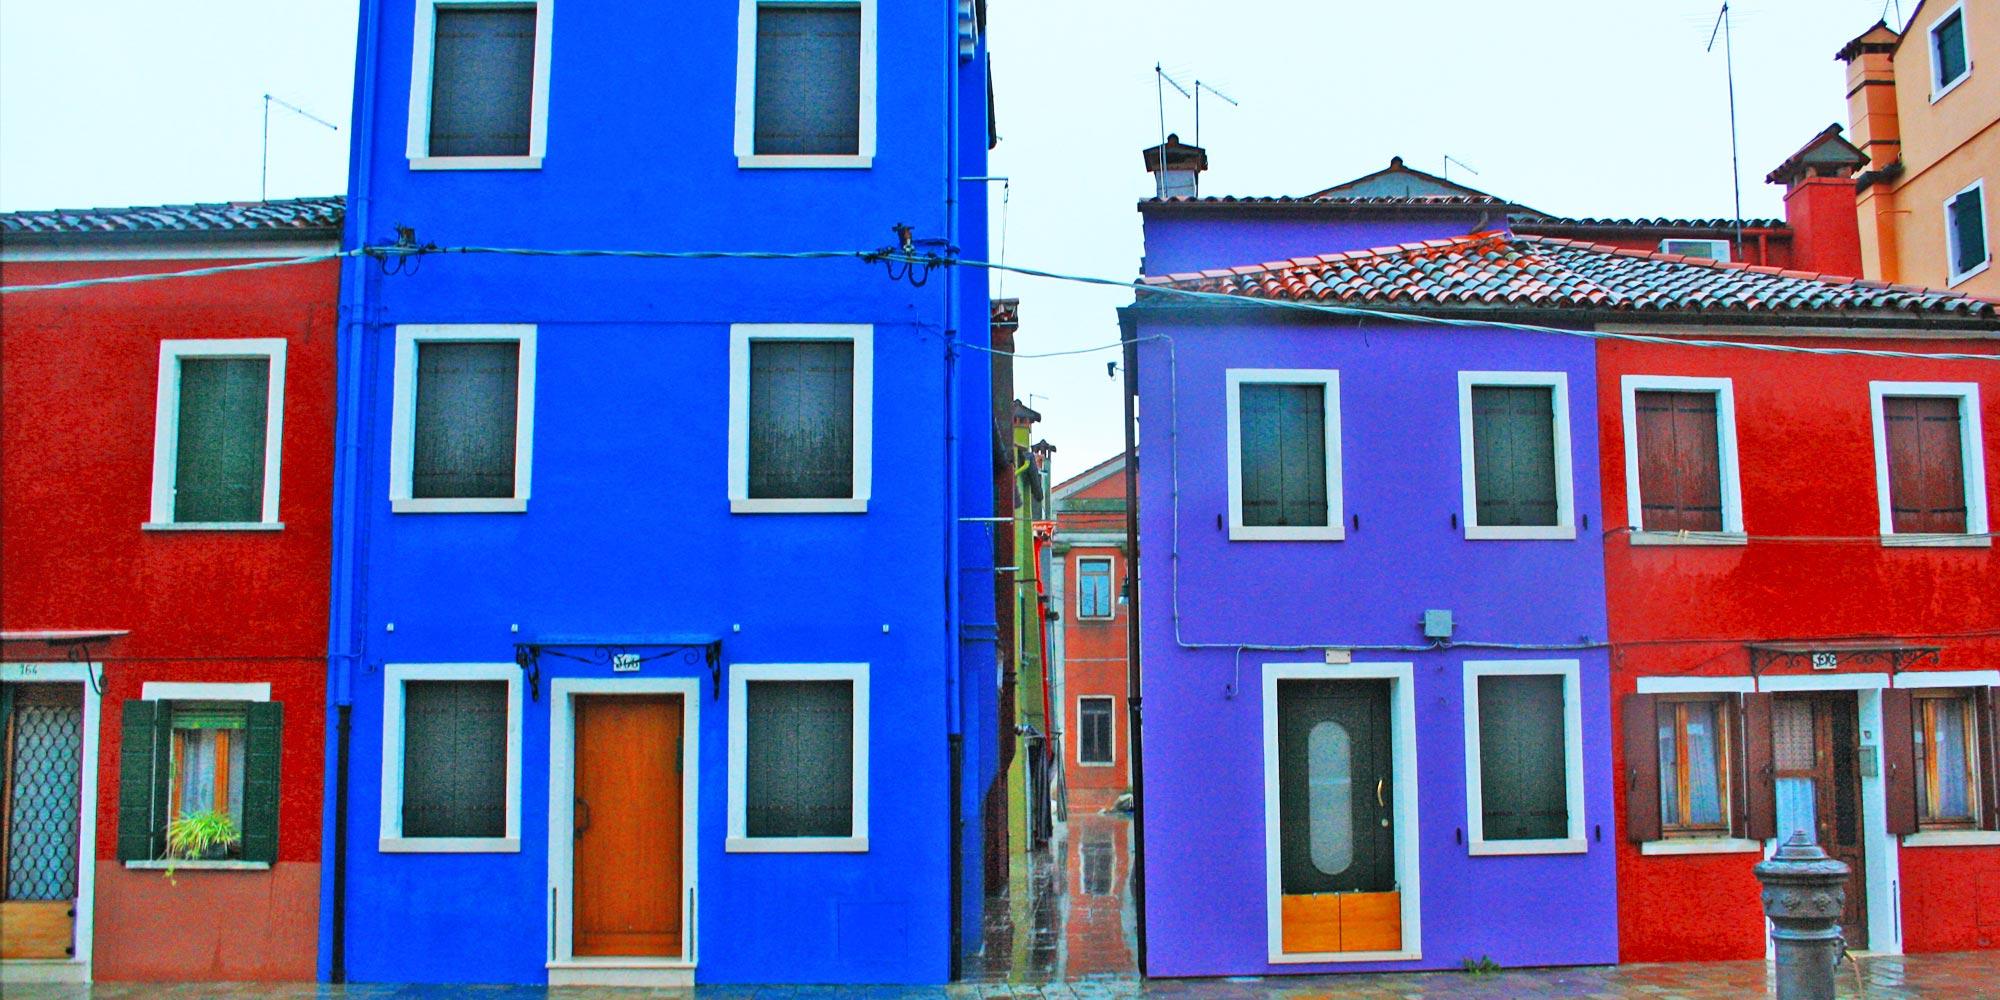 ItalyVeniceMurano